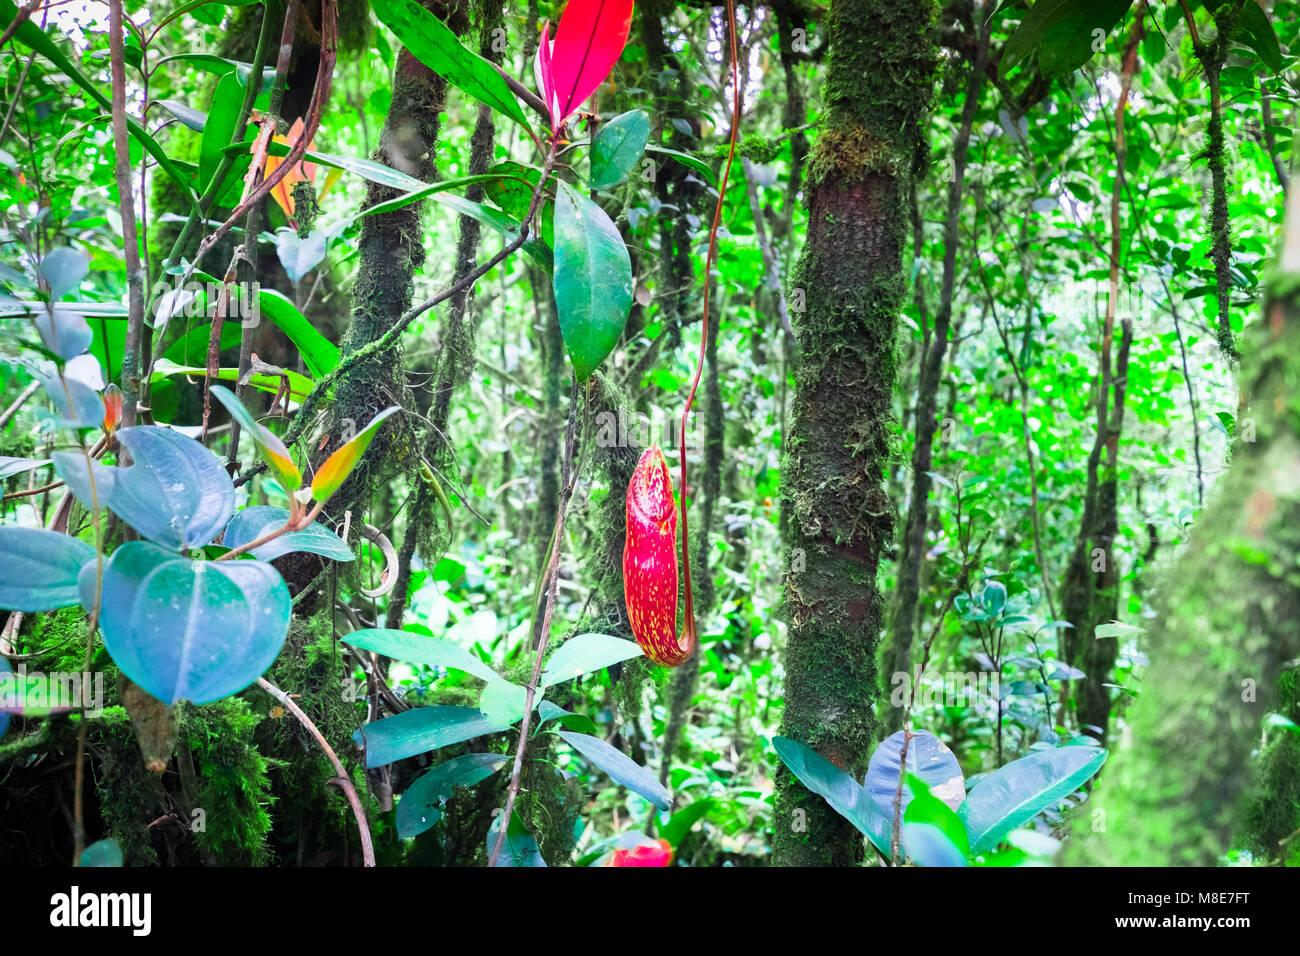 Super Nepenthes Krug Blumen, exotische fleischfressende Pflanze wächst @FX_58